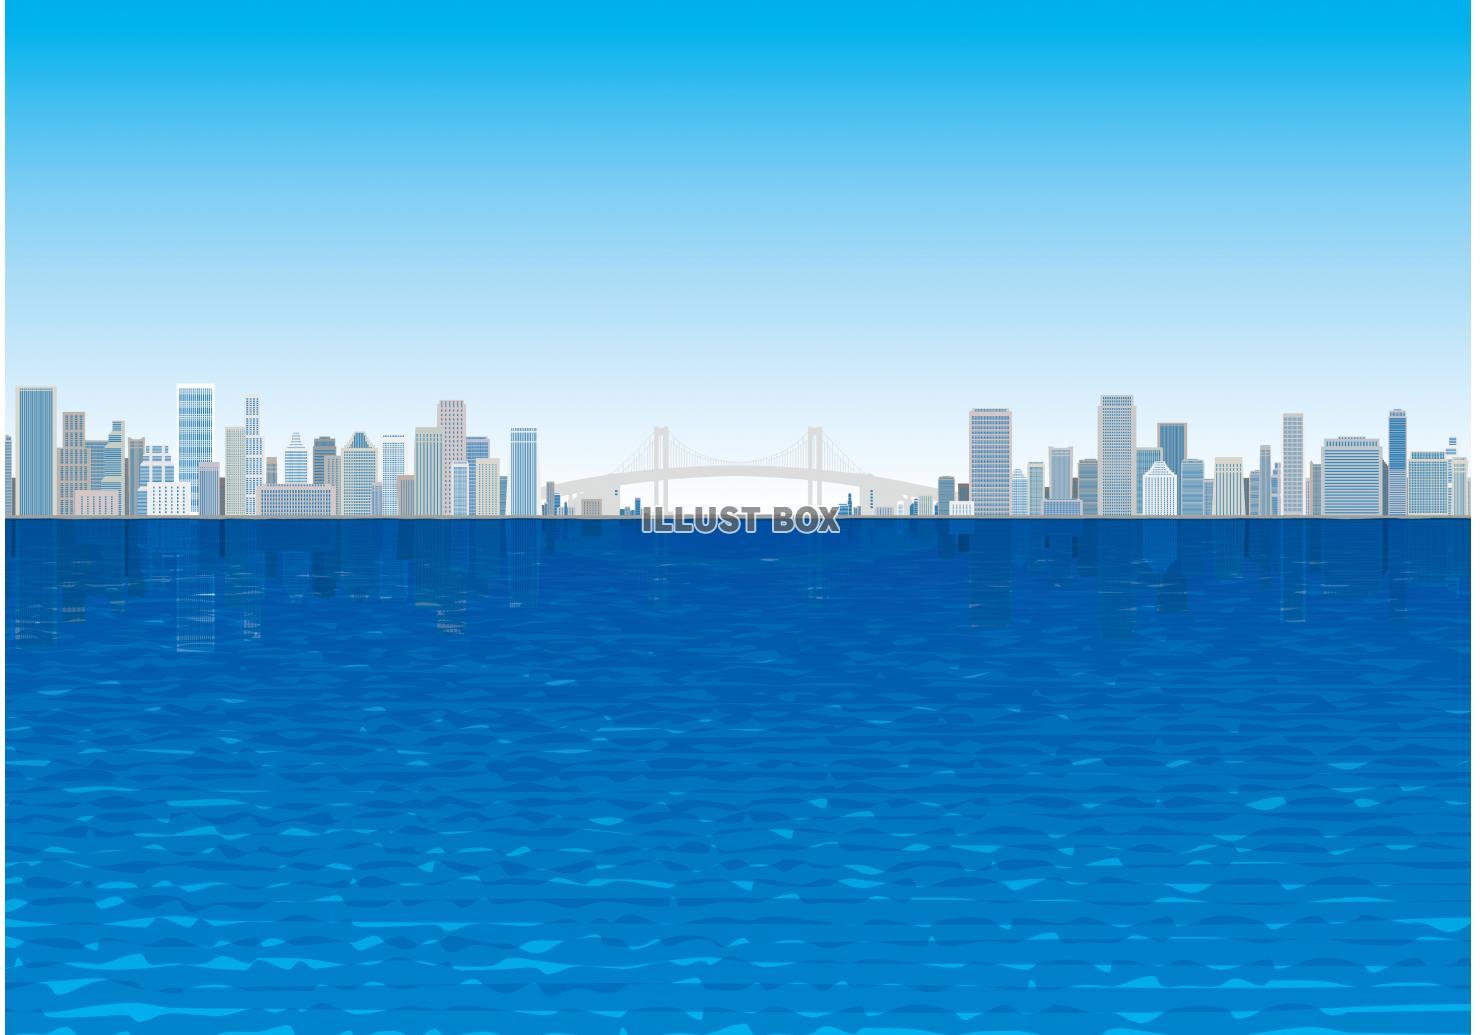 無料イラスト 海と都会 ビル群